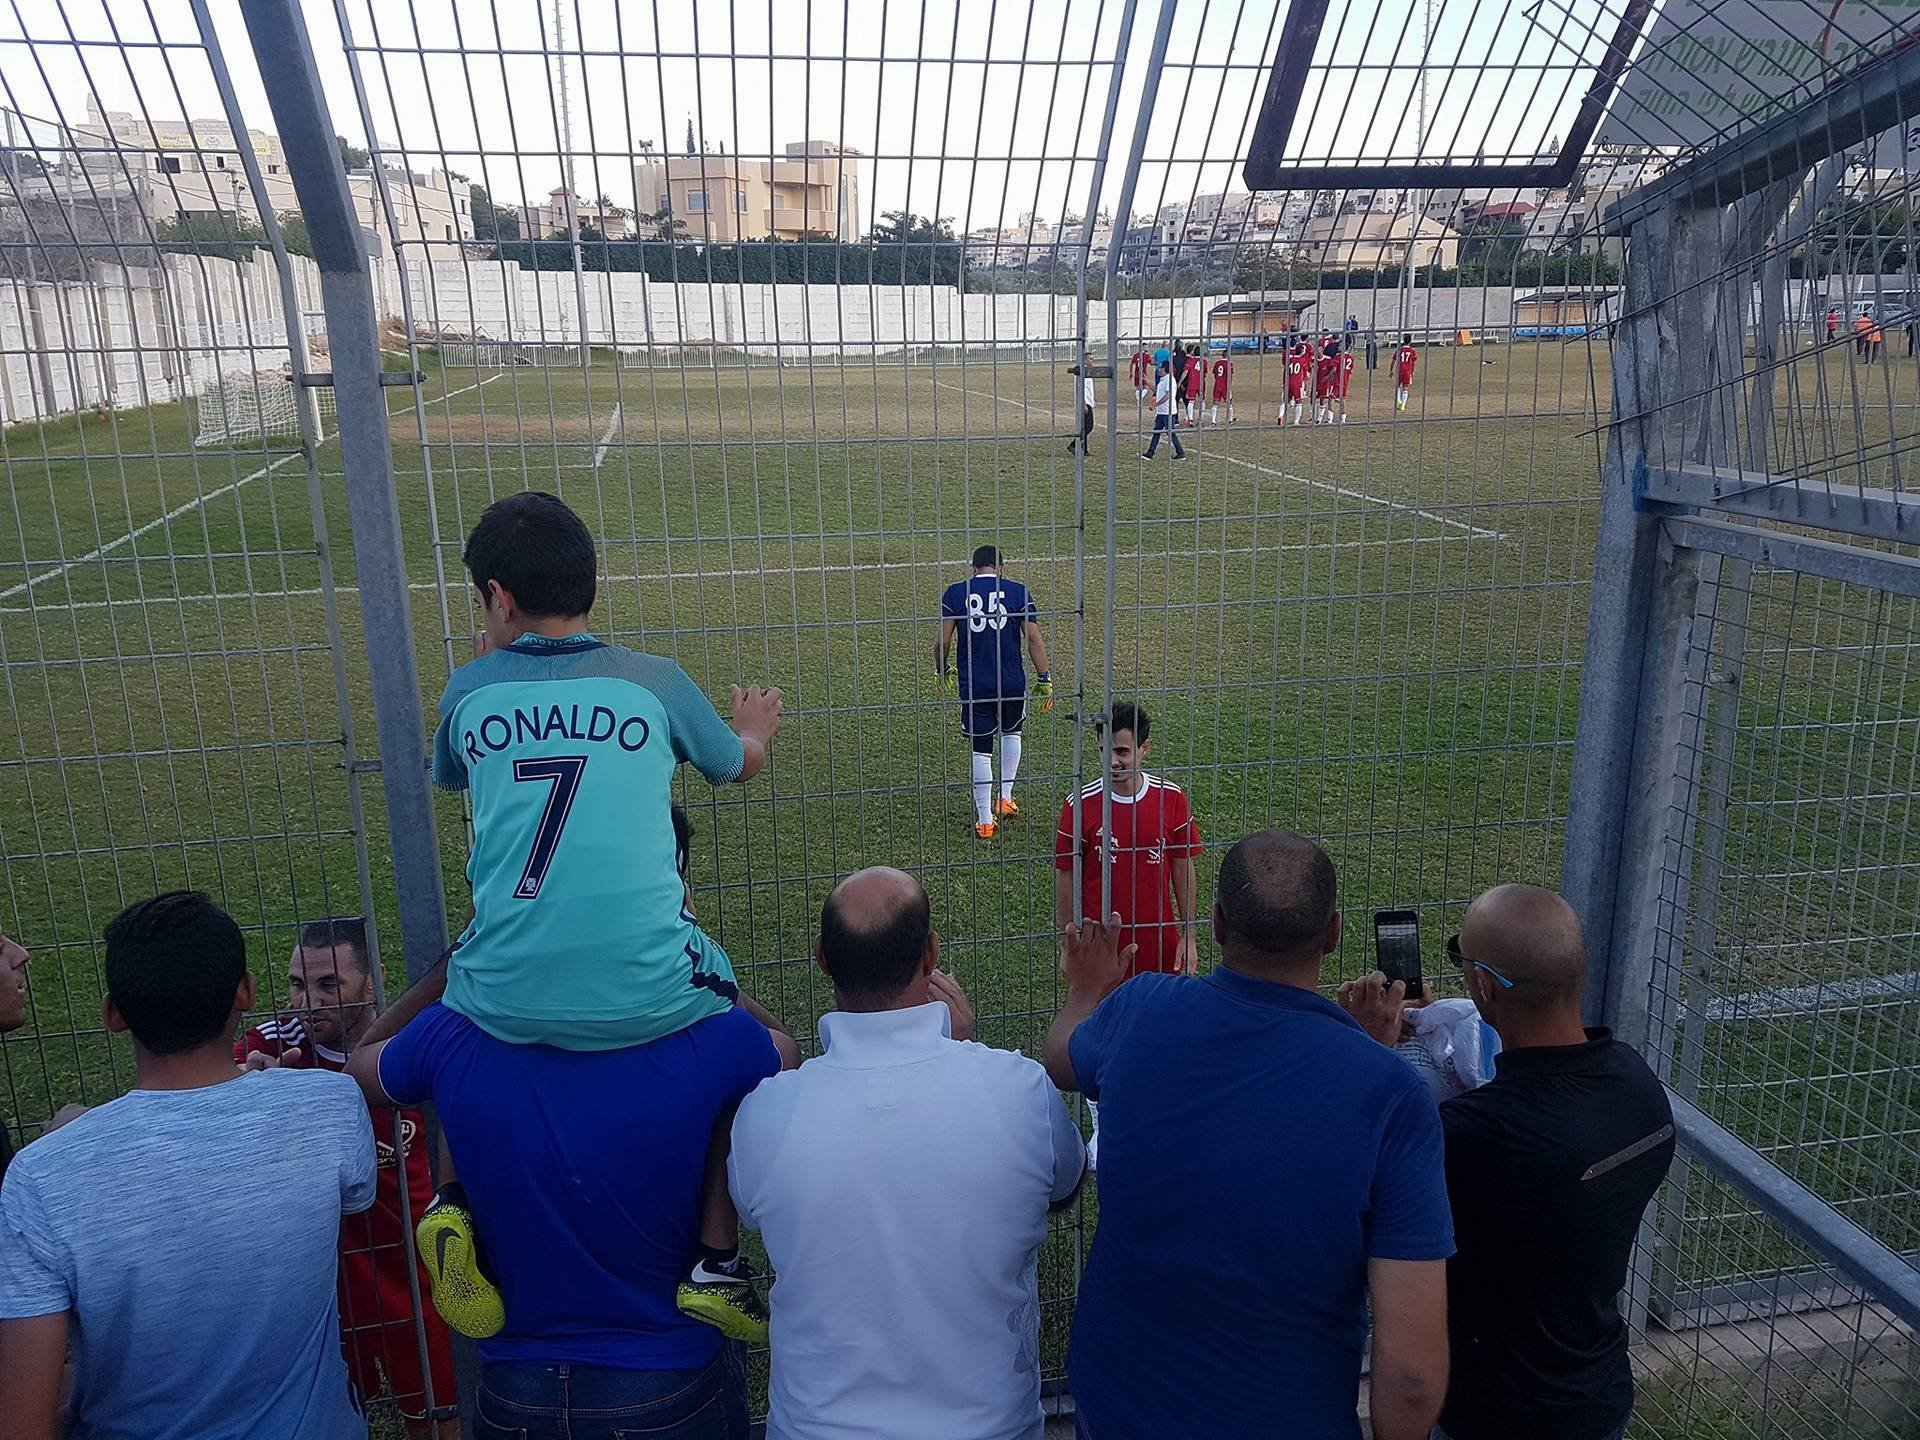 الاخوة عرابة يحقق فوزا ثمينا على فريق مكابي شفاعمرو بالنتيجة 2-1